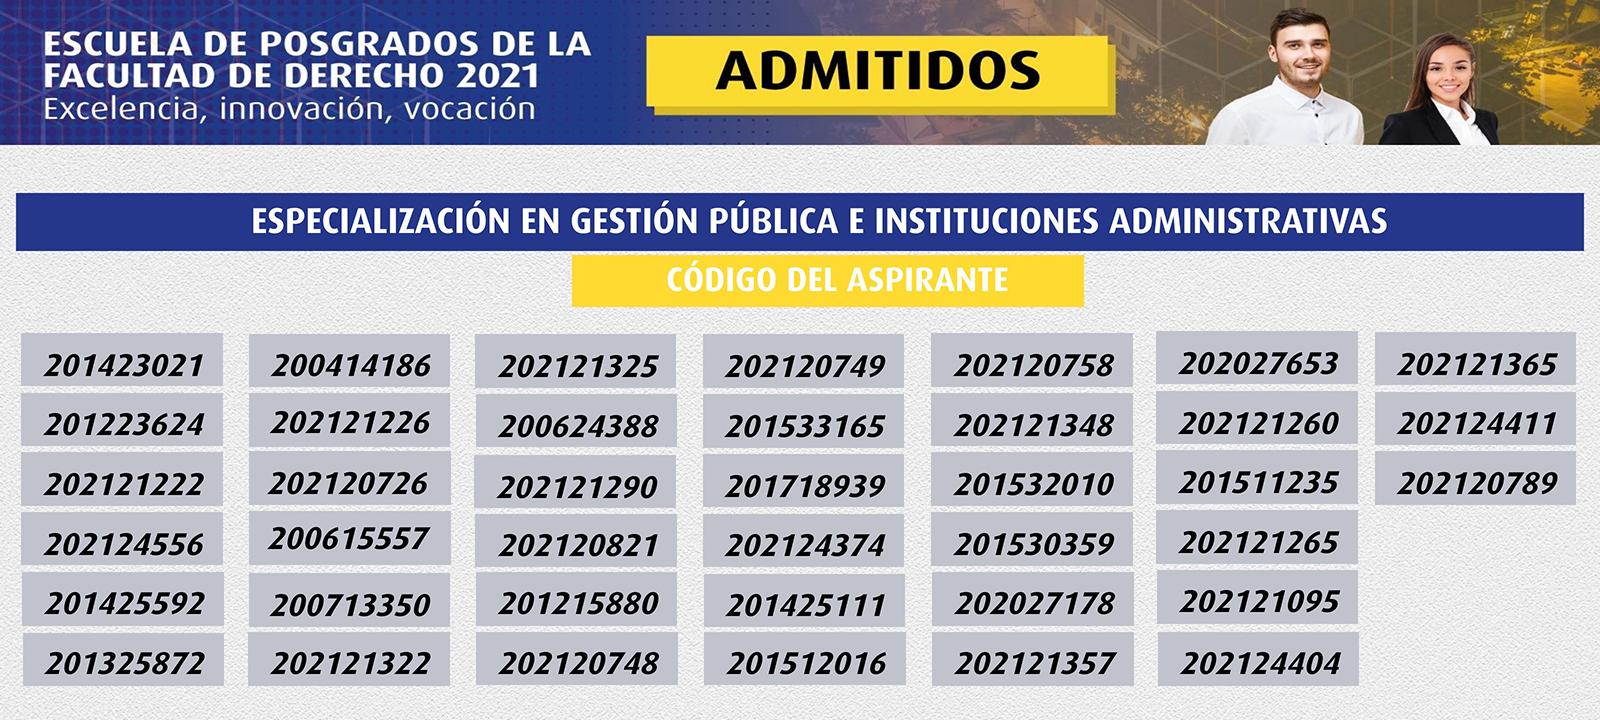 Admitidos 2021 | Especialización en Gestión Pública e Instituciones Administrativas | Uniandes